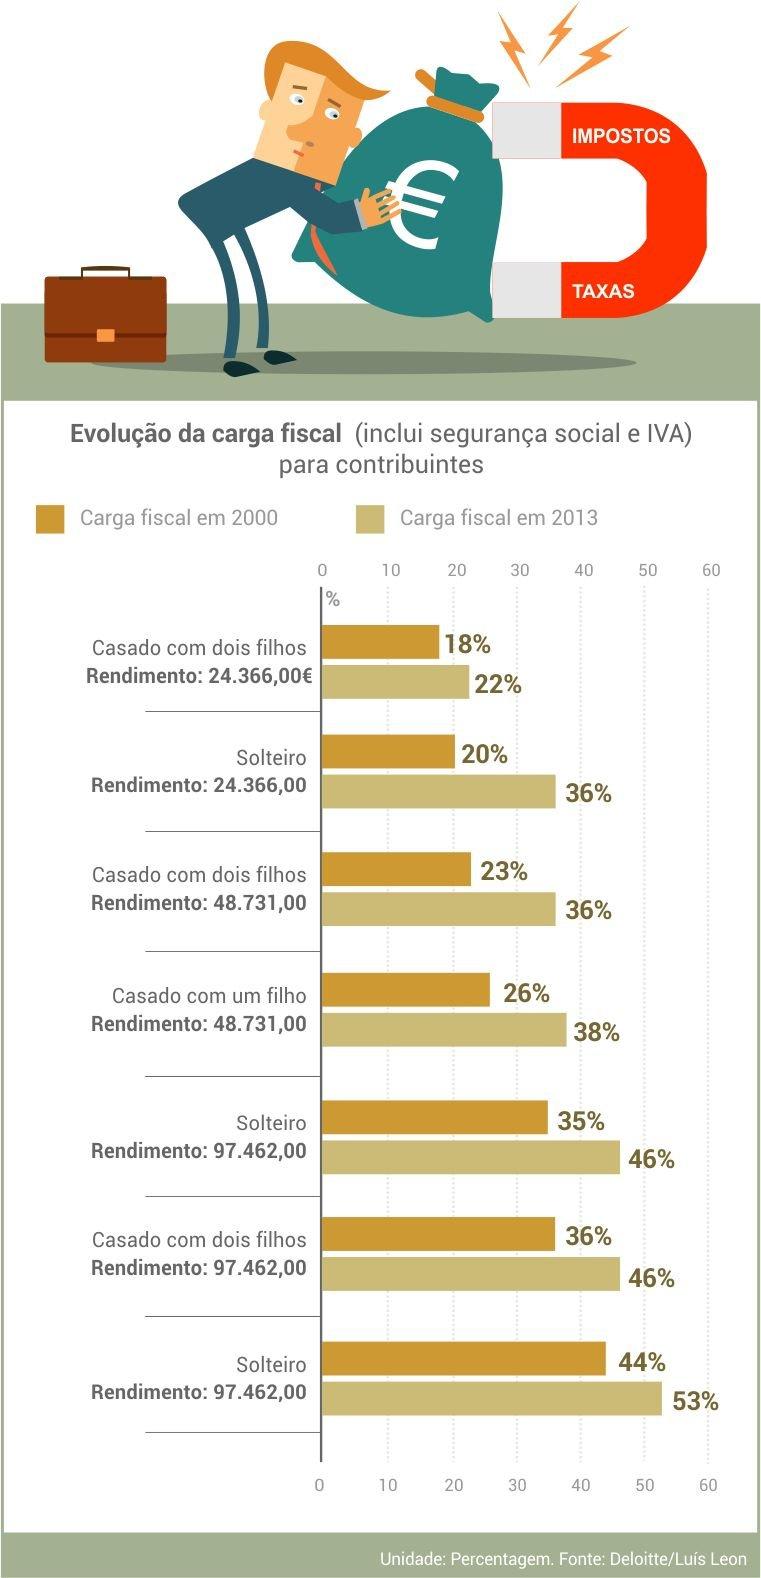 evolucao_carag_fiscal_contribuintes